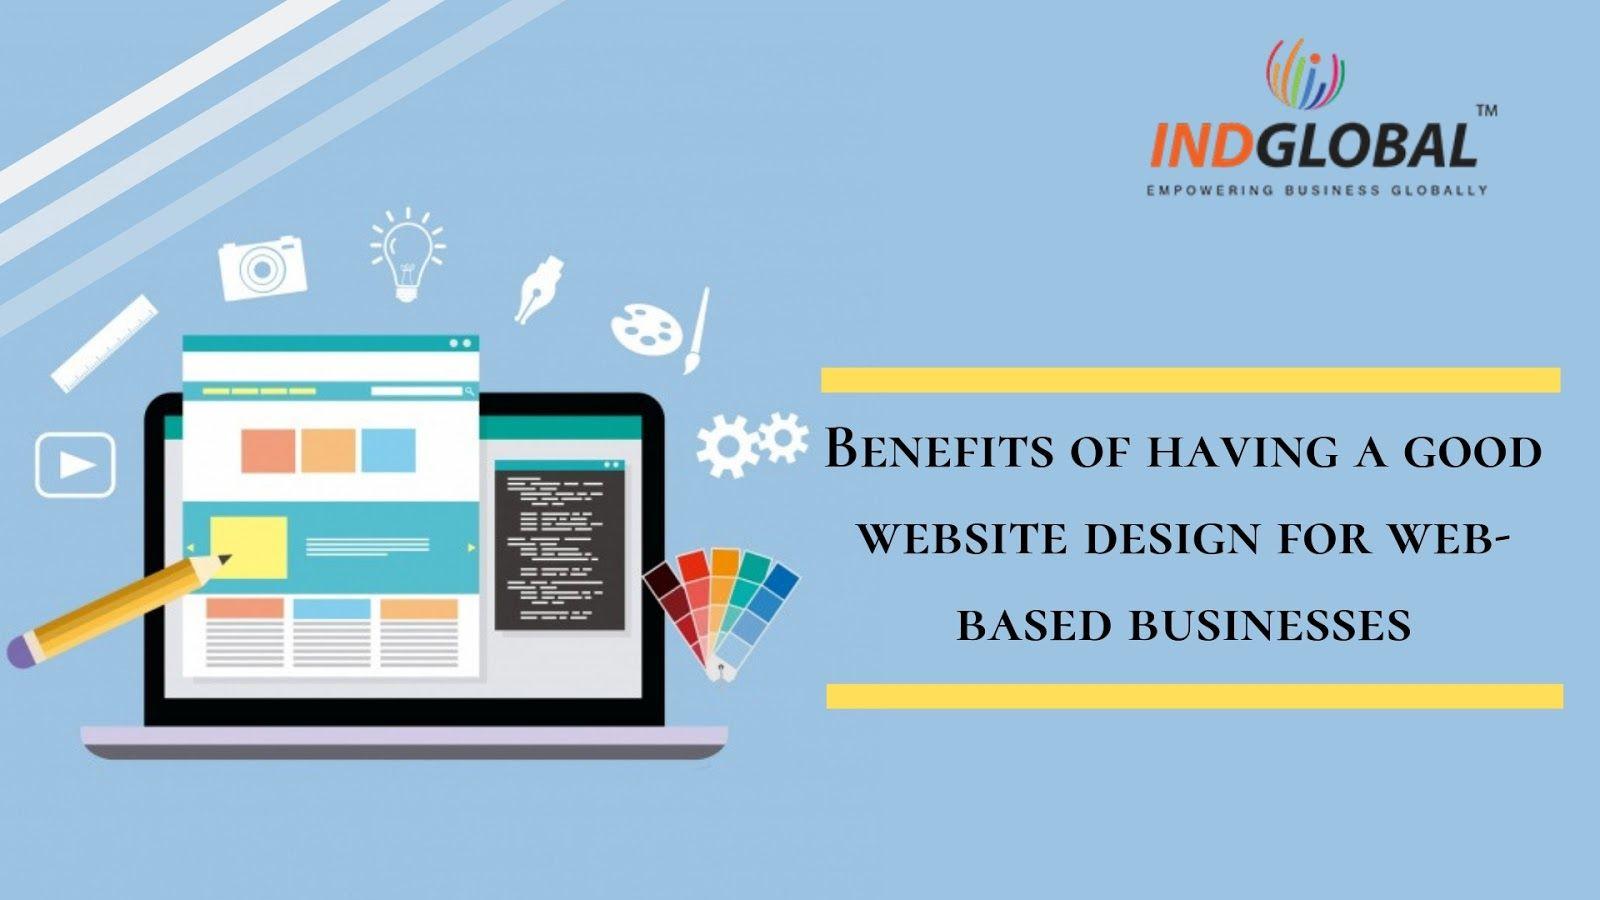 Benefits of Having a Good Website Design for Web-based Businesses